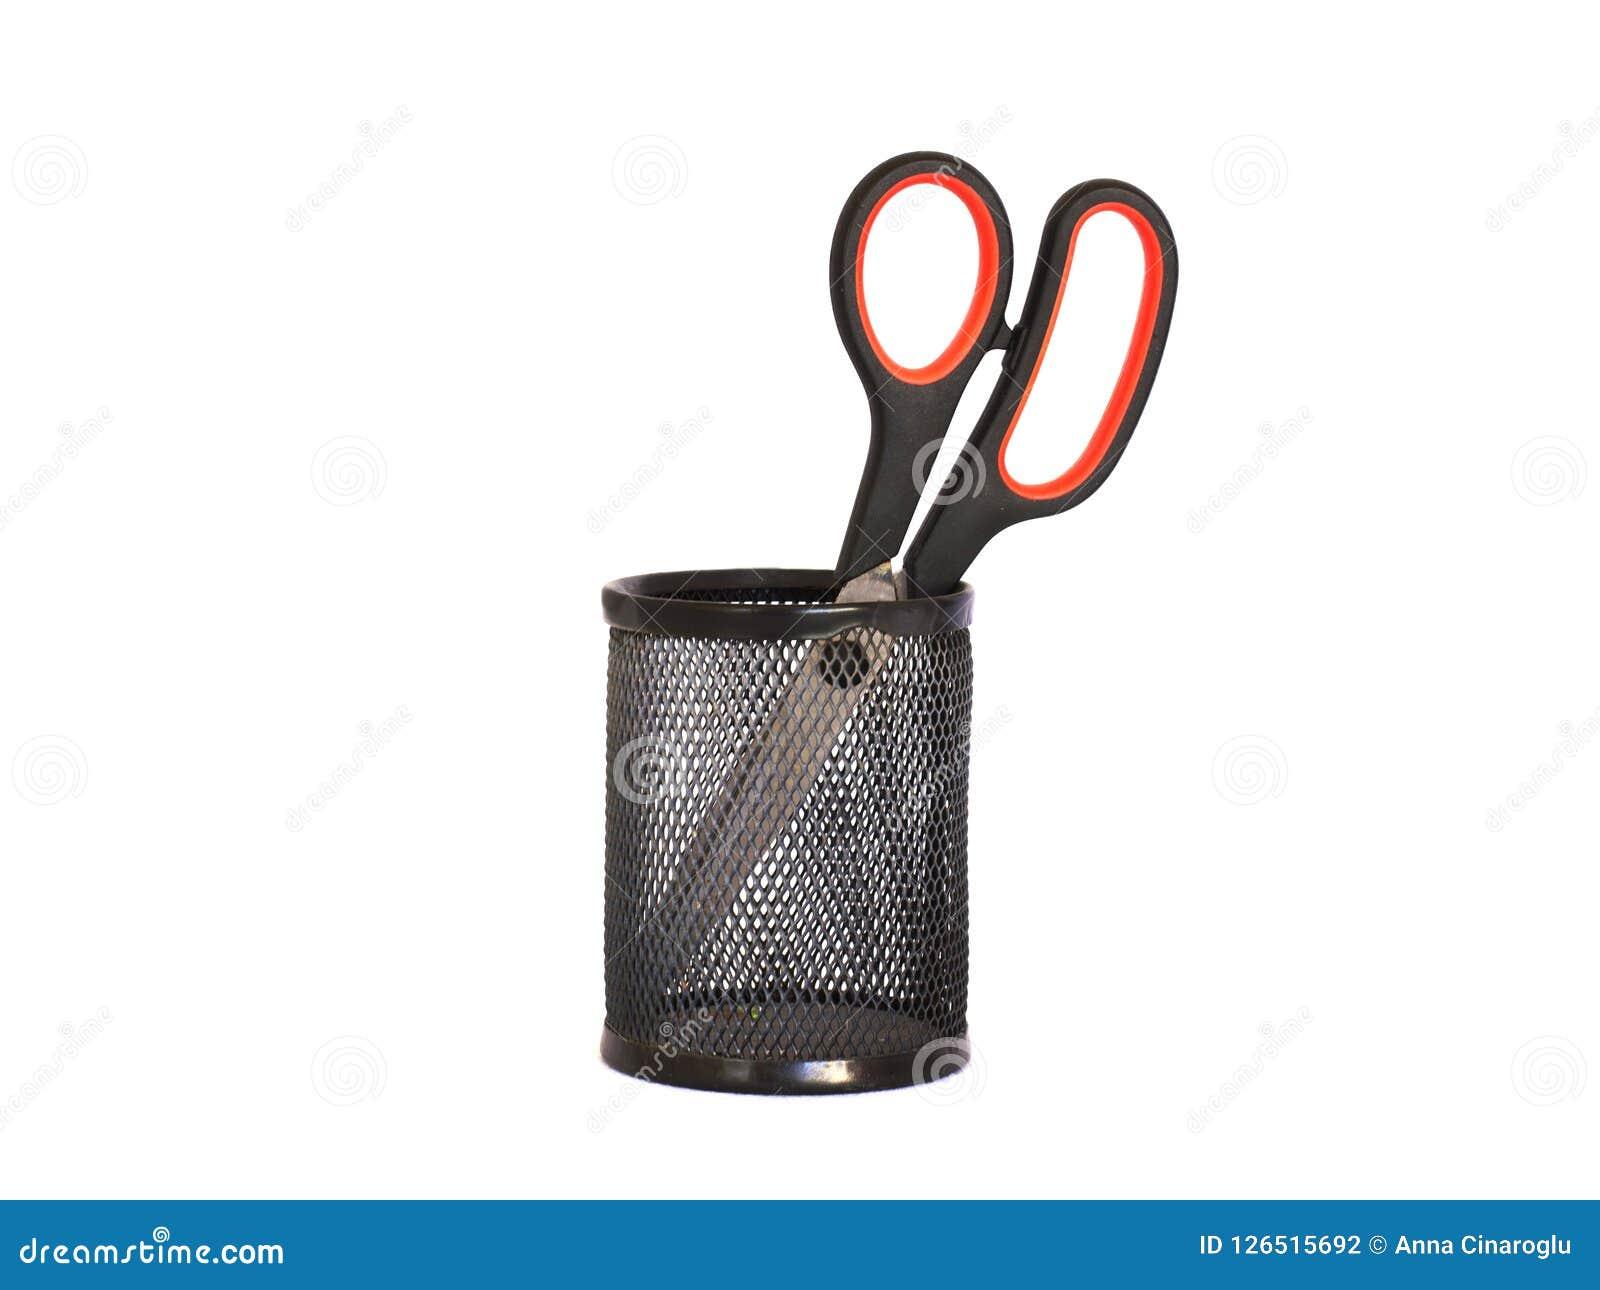 Nożyce z czerwoną rękojeścią w czarnym metalu właścicielu isolate